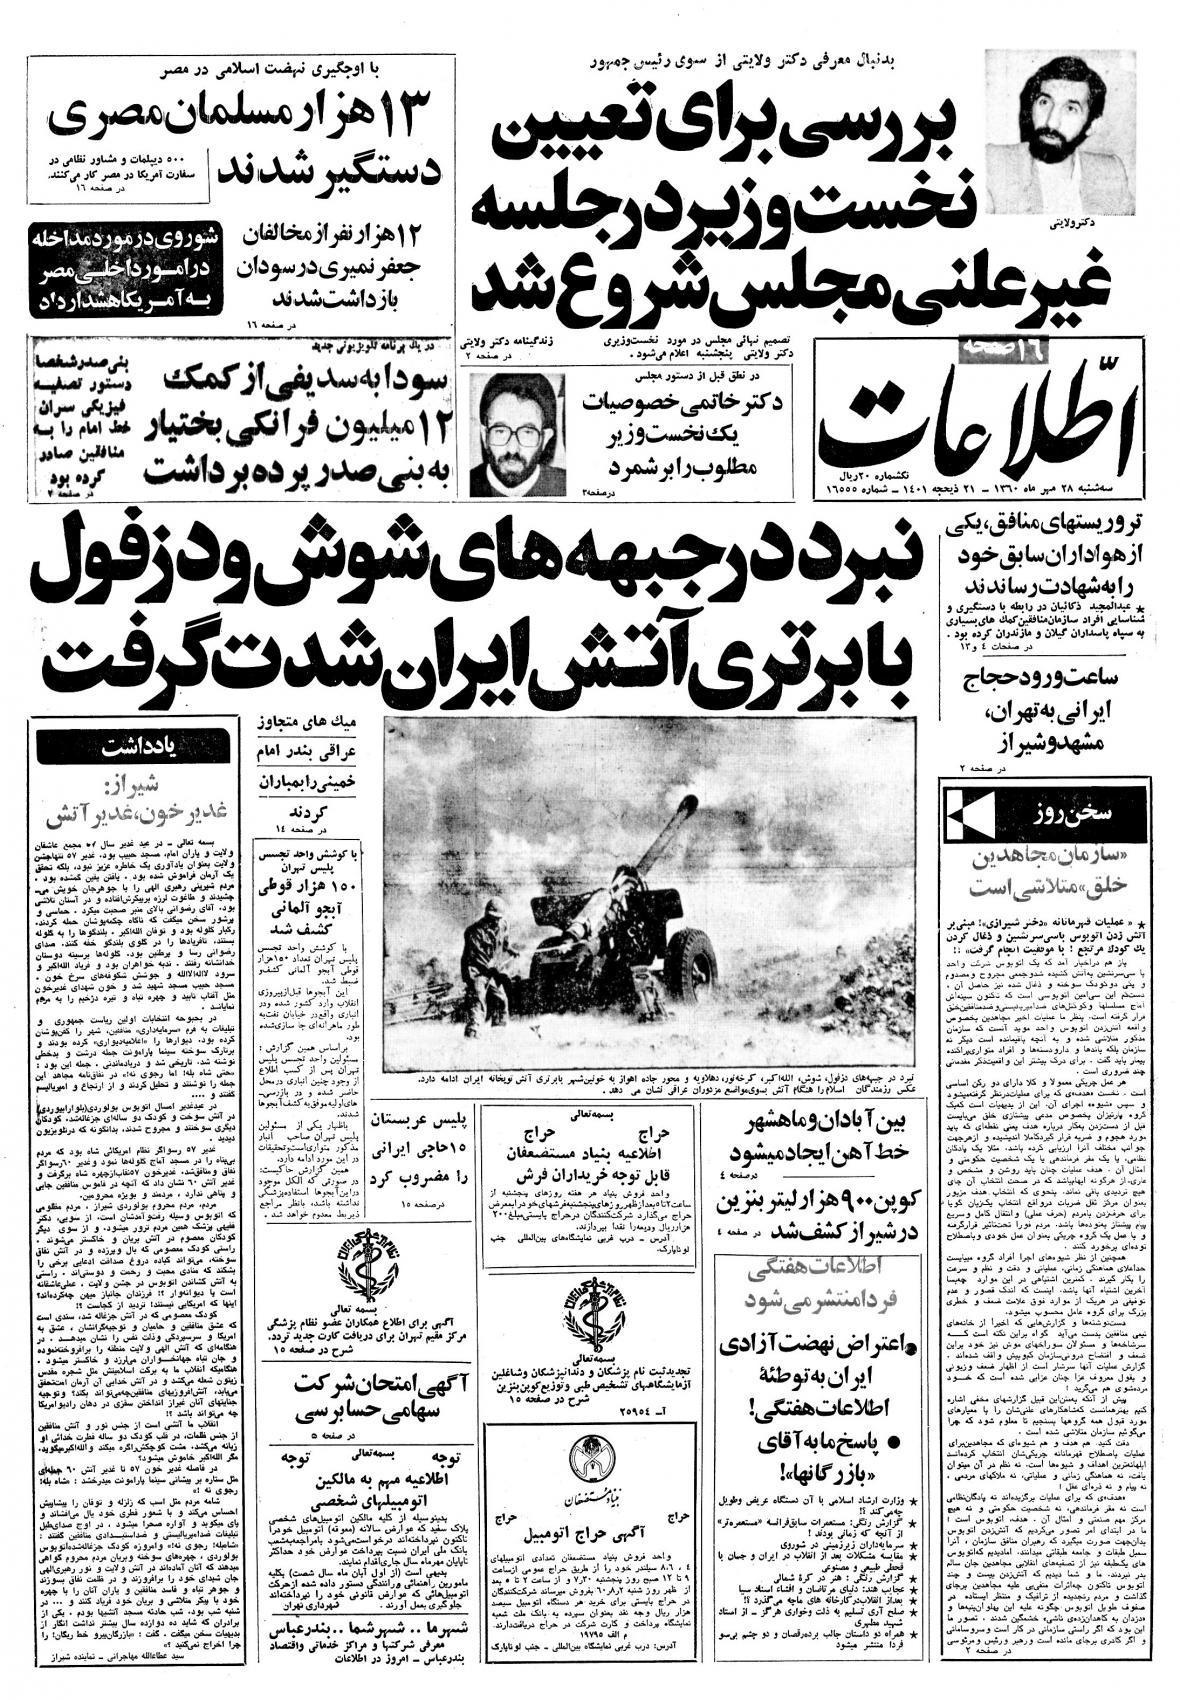 بزرگ ترین مجتمع پتروشیمی جهان در ایران، تشکیل شوراهای اسلامی در 21 واحد صنعتی، رقم واقعی کسری بودجه 1380